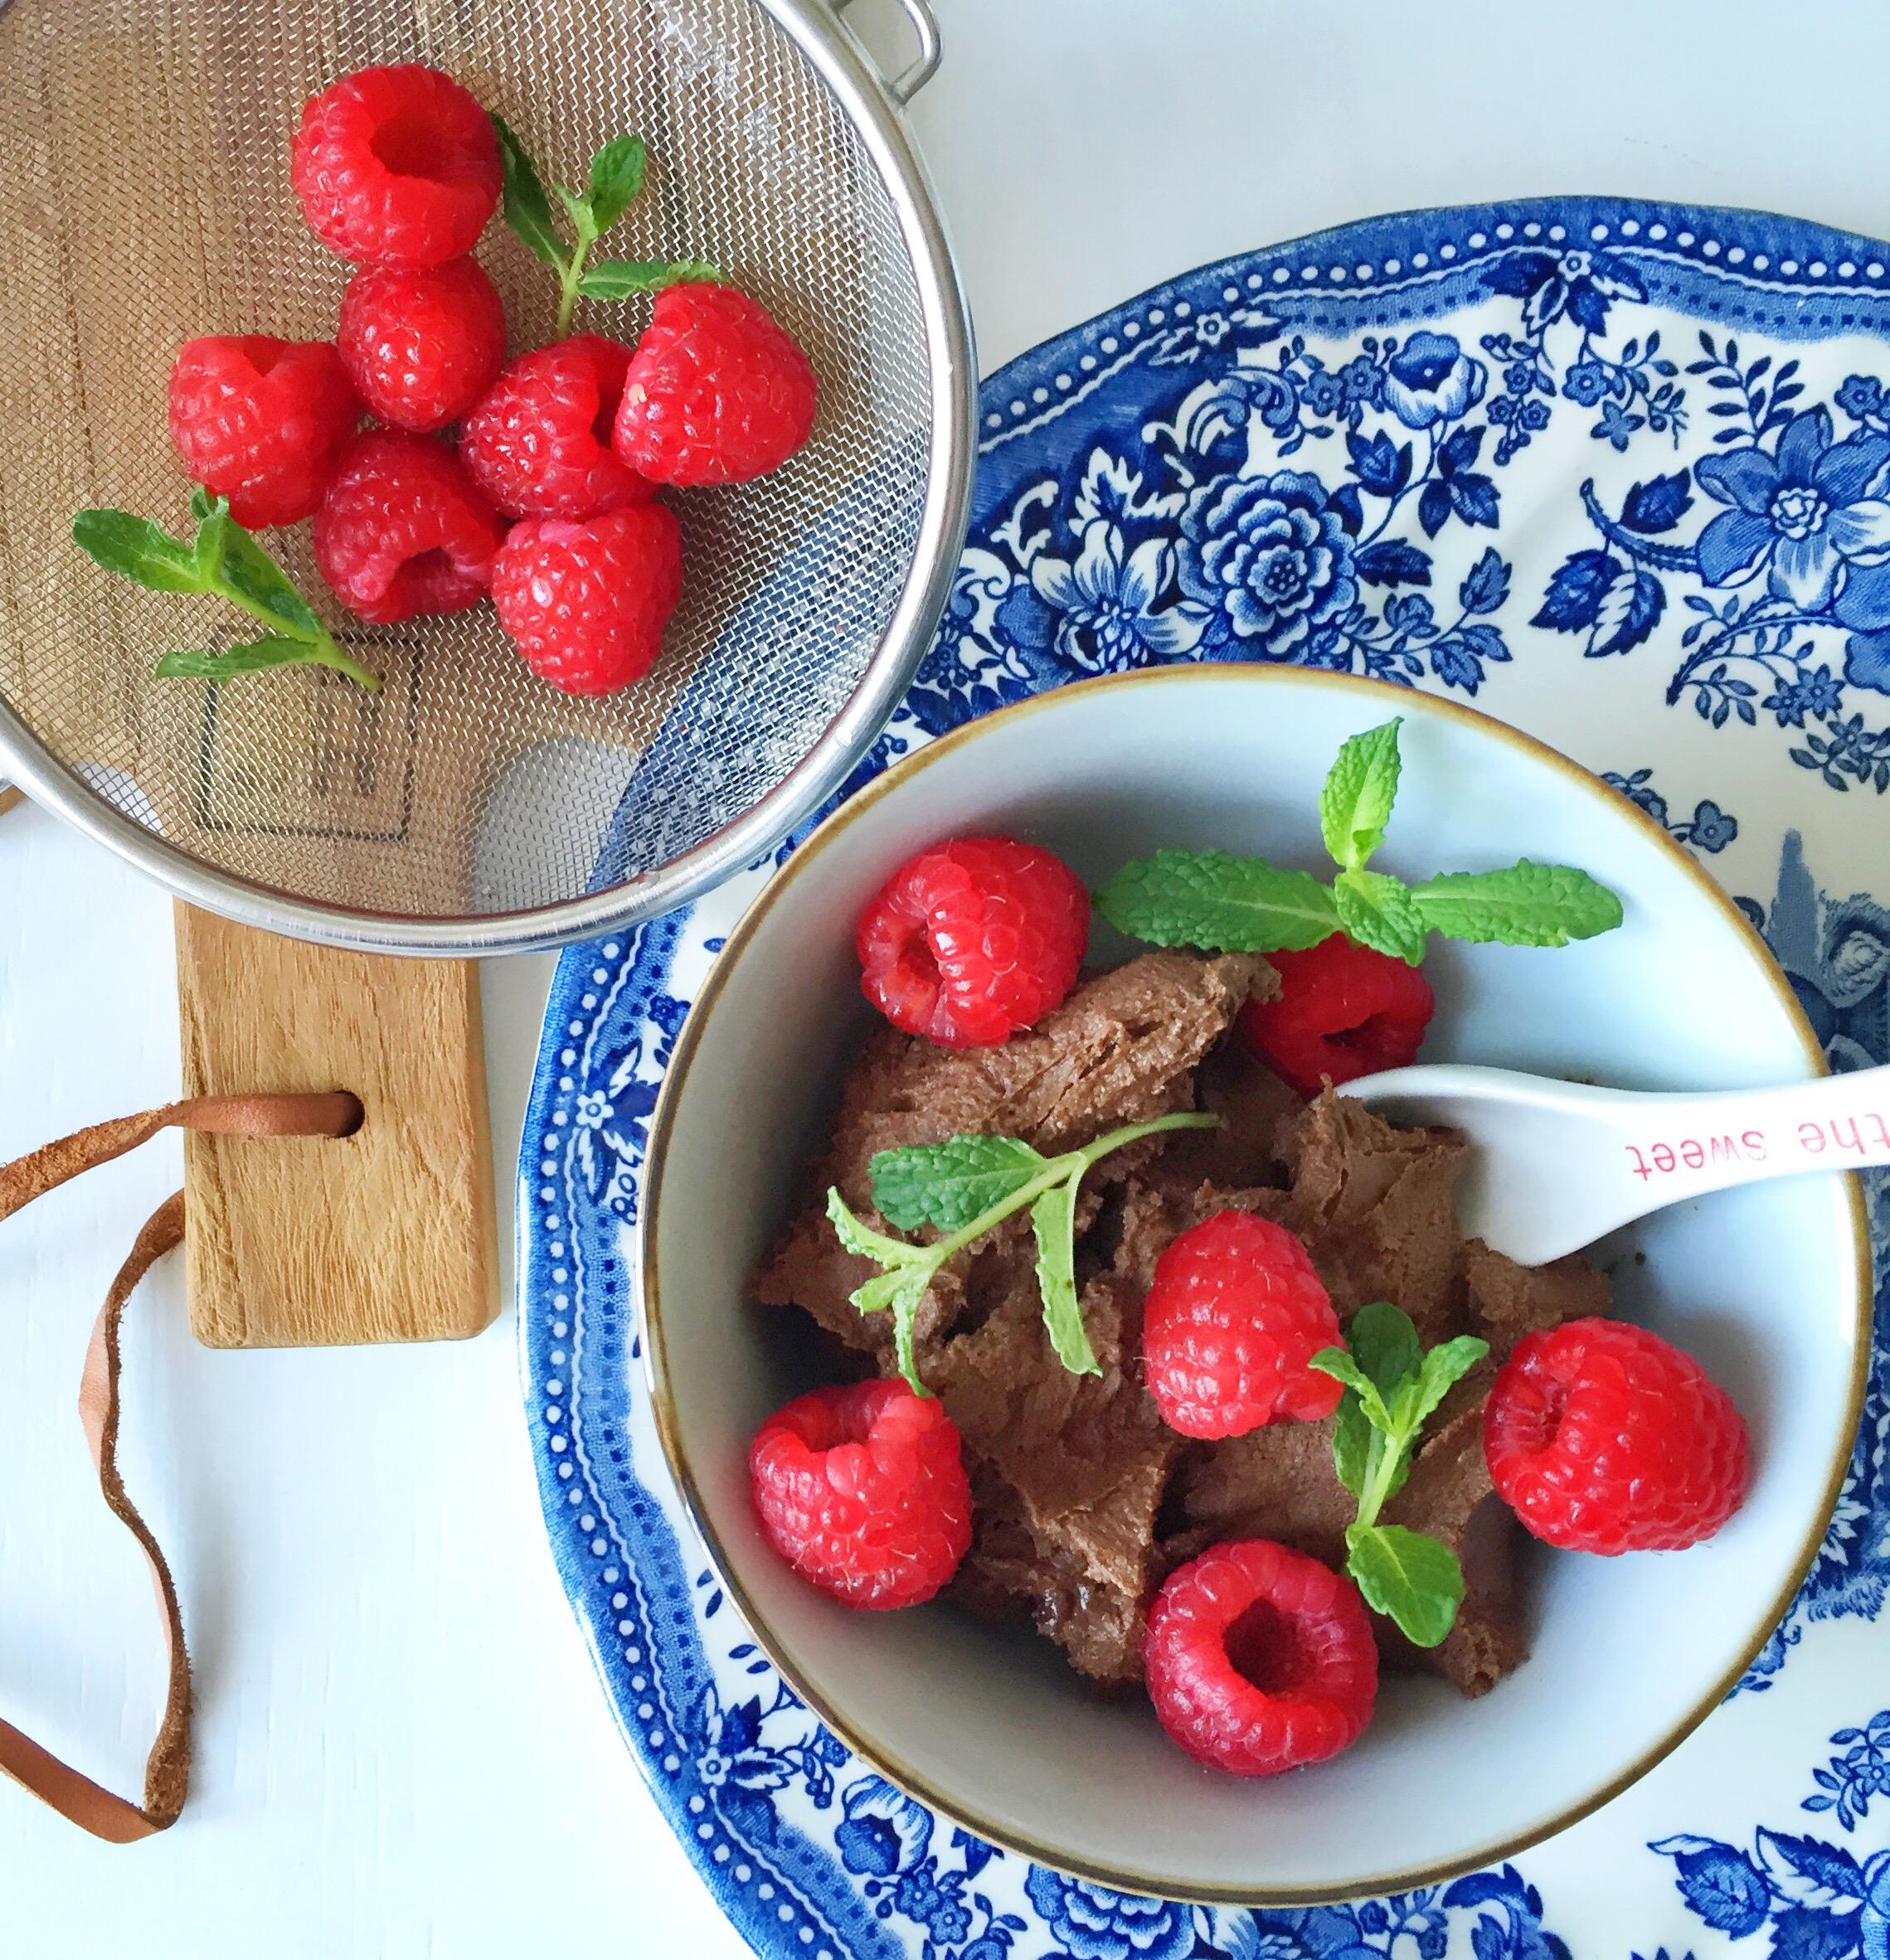 chokolademousse - perfekt hjemmelavet dessert